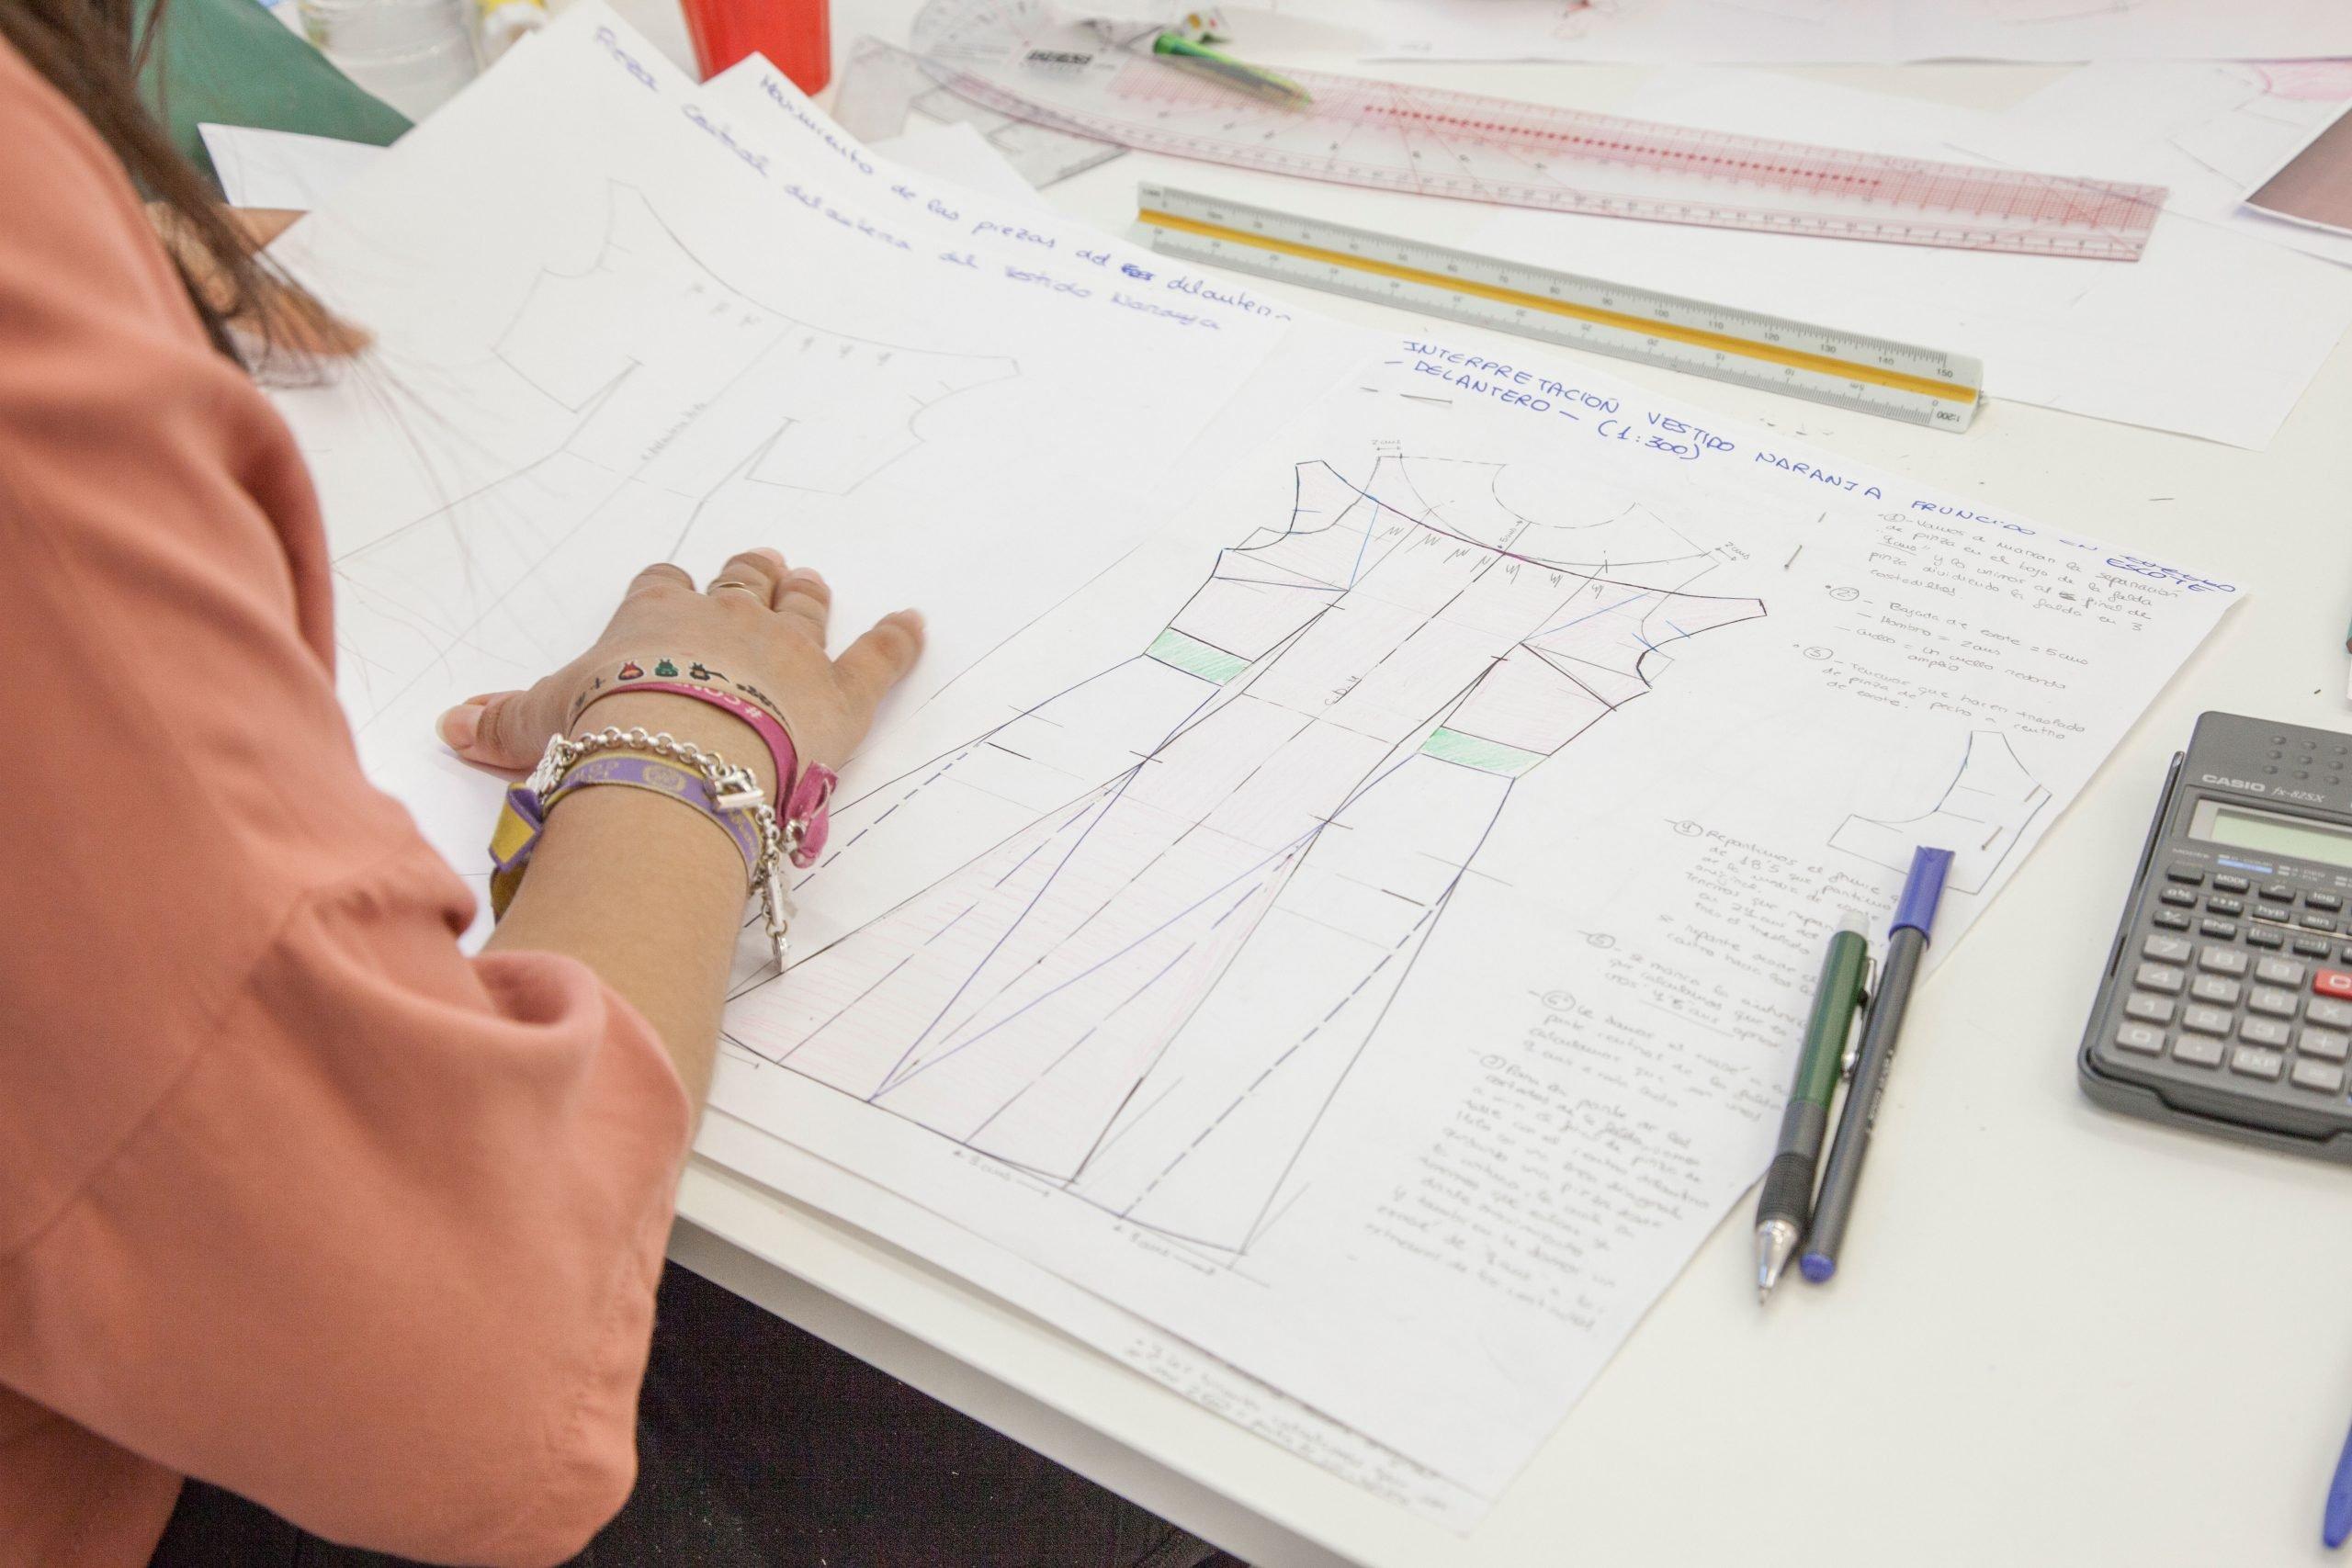 Te gusta la moda ¿y si aprendieras a crear tu propia ropa?